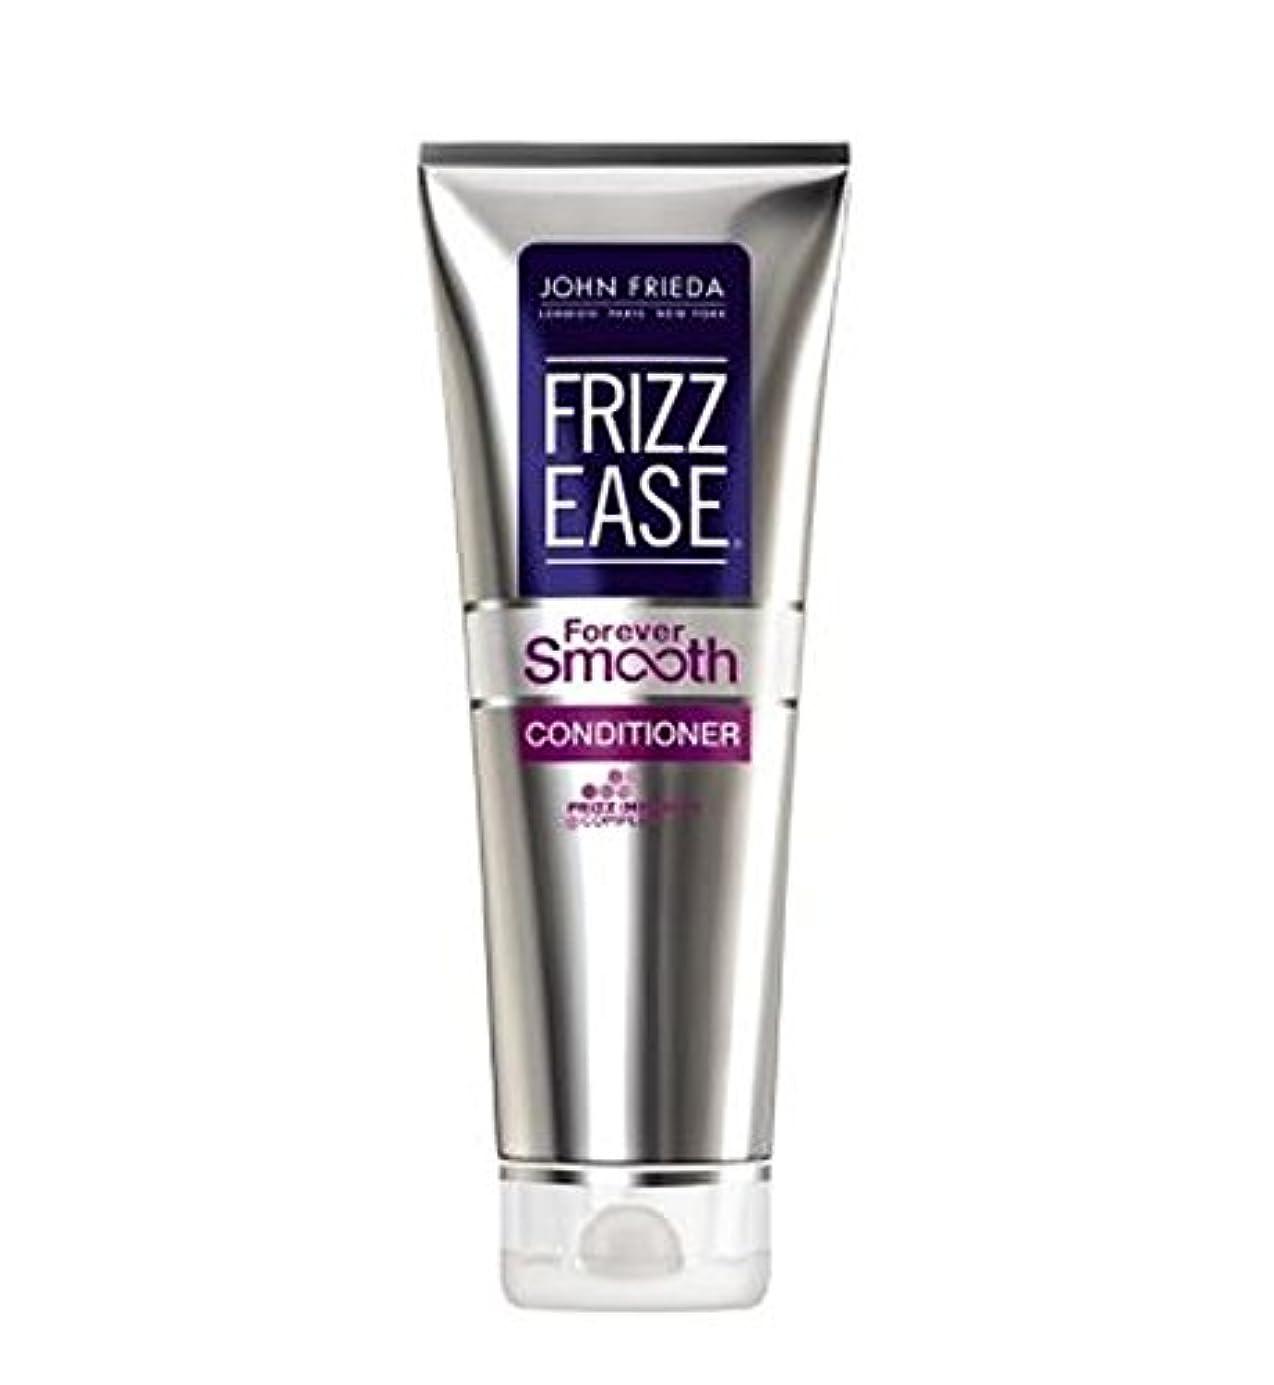 フォーム船外幽霊John Frieda Frizz-Ease Forever Smooth Conditioner 250ml - ジョン?フリーダ縮れ-容易永遠に滑らかなコンディショナー250Ml (John Frieda) [並行輸入品]